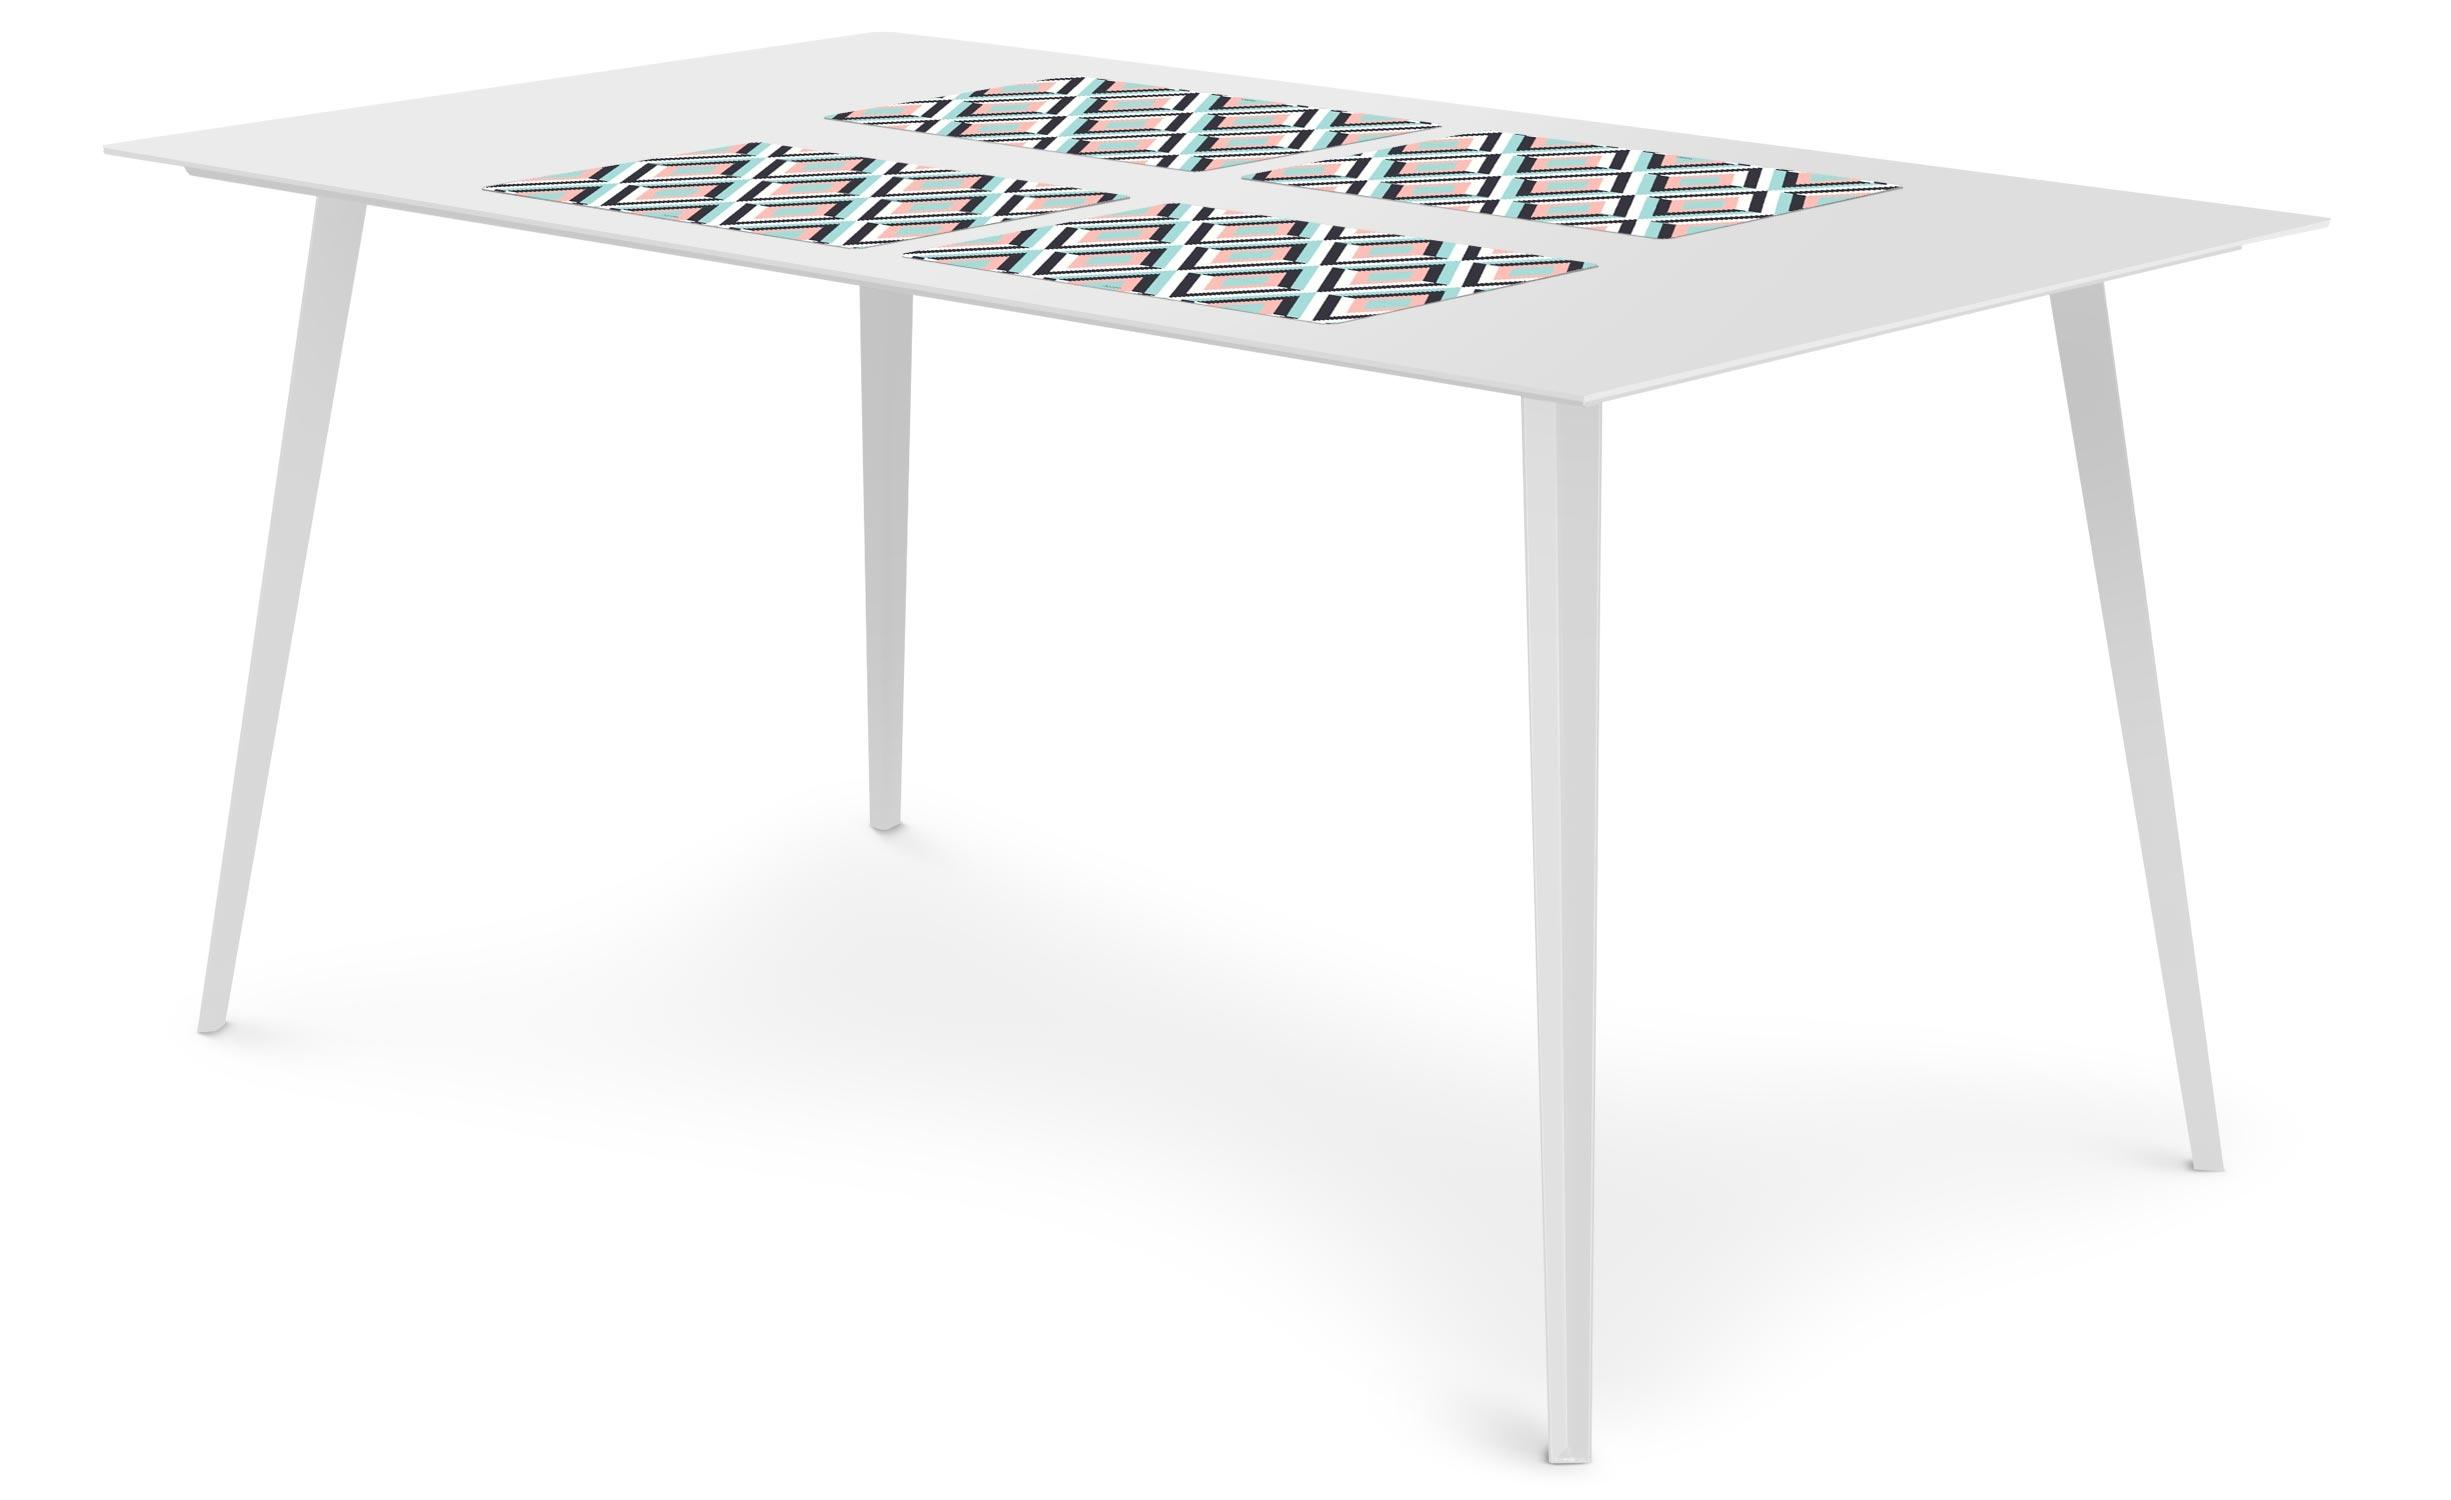 Table magnétique rectangulaire 150x90cm Bipolart Métal Blanc avec 4 Sets de table Losanges